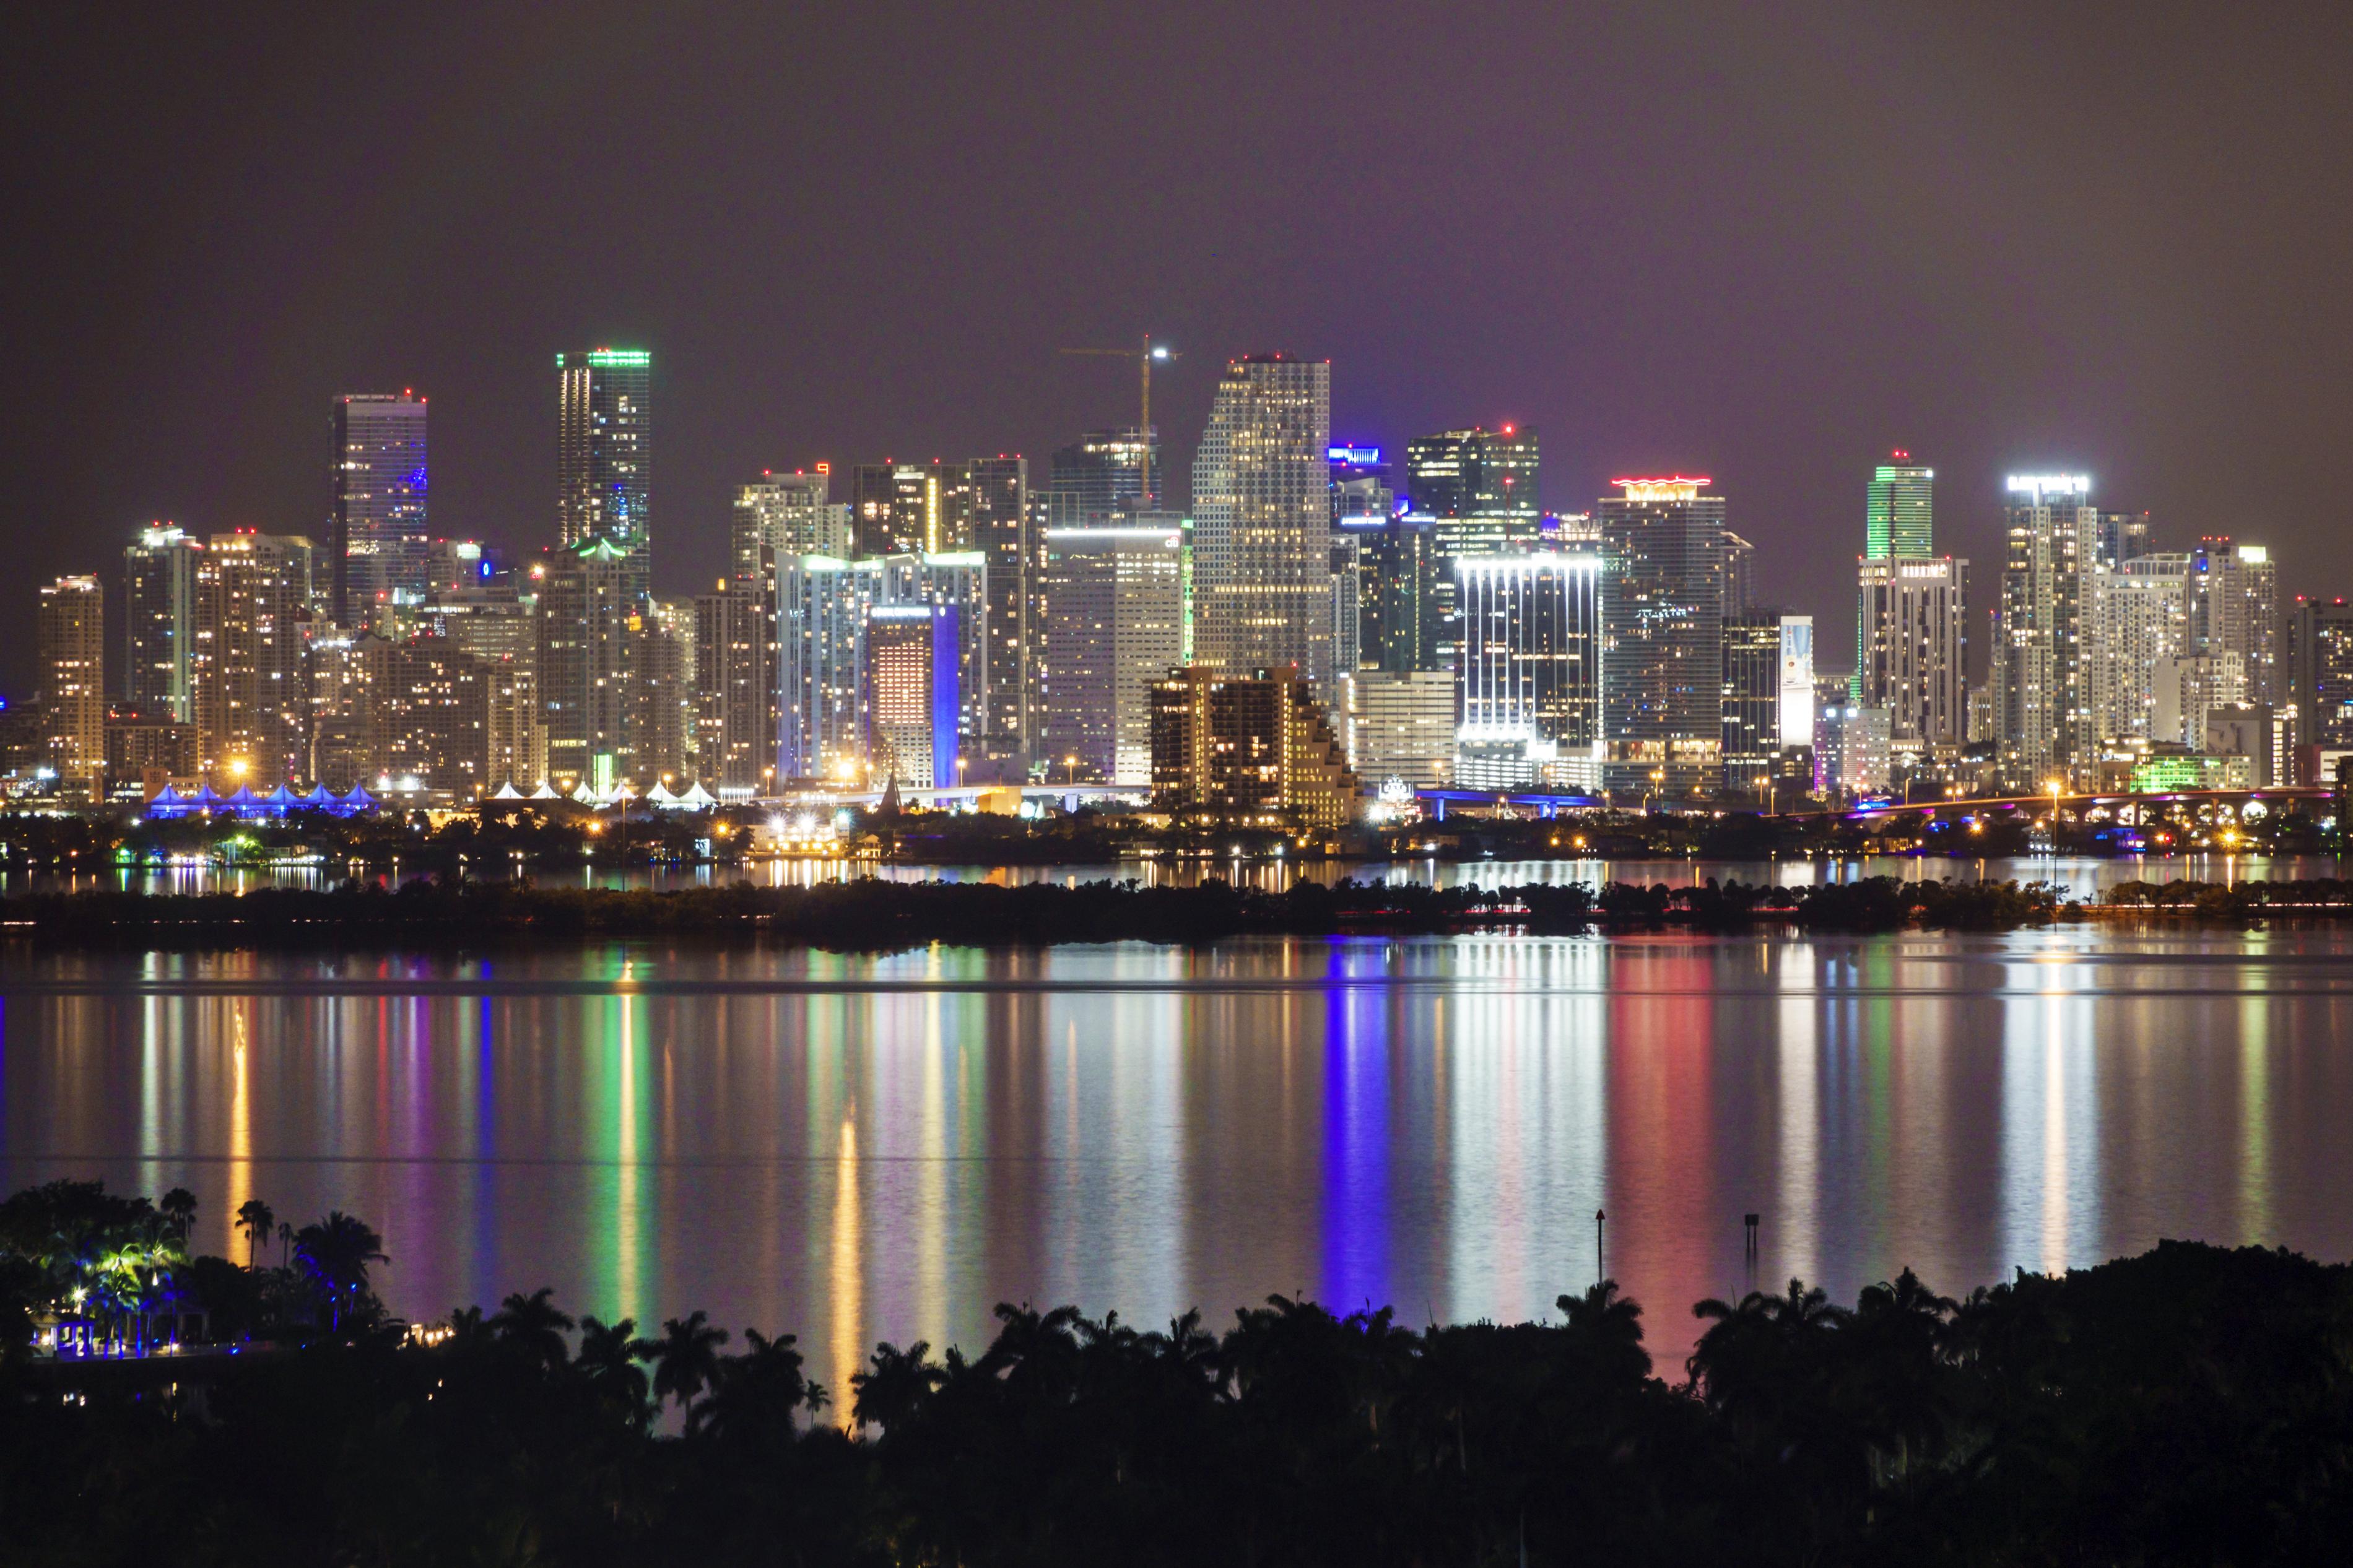 Miami, Biscayne Bay, night skyline